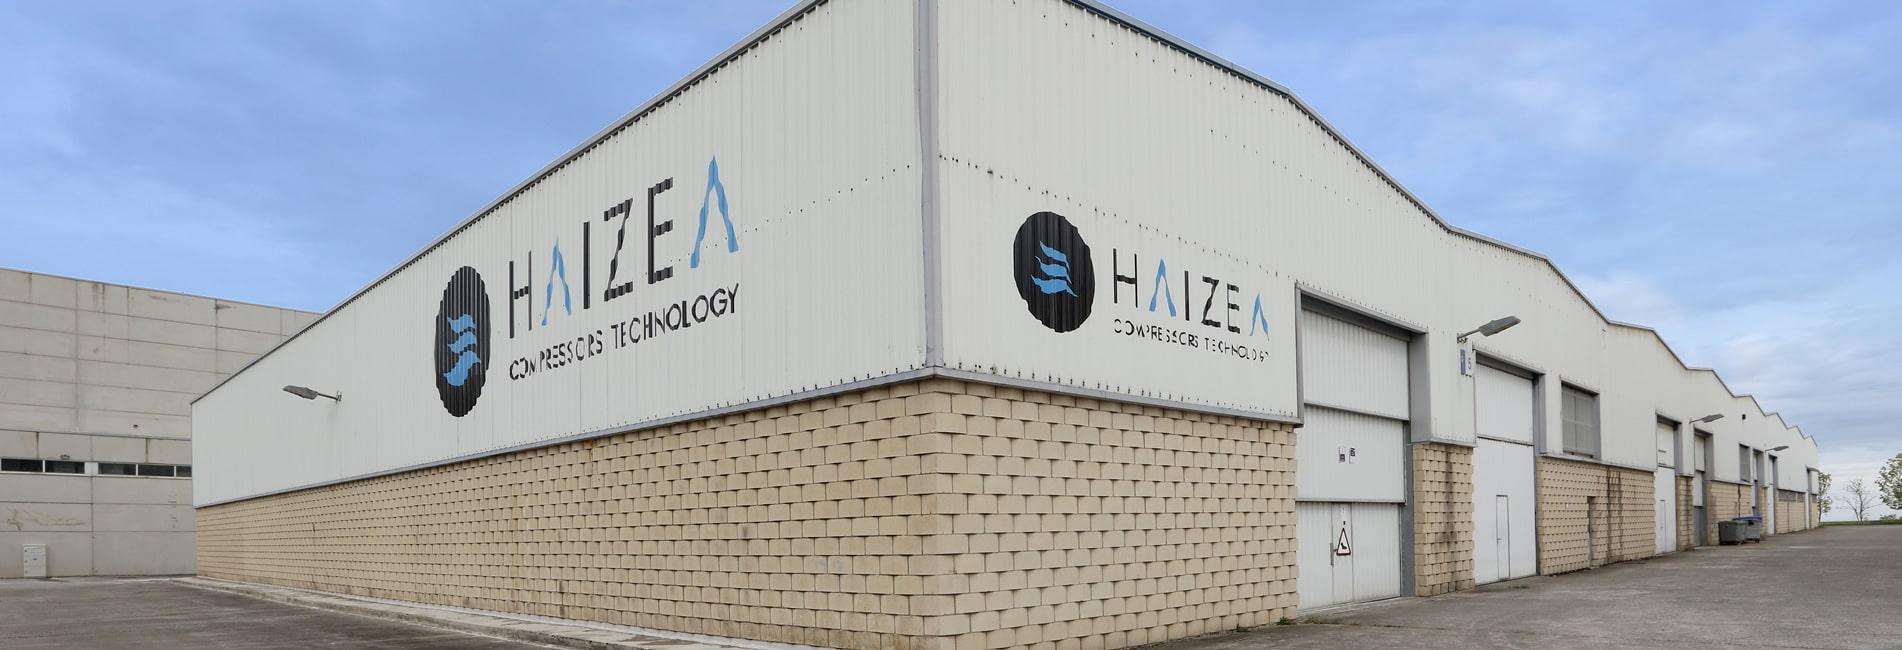 Haizea - Tecnología de compresores y refrigeración industrial